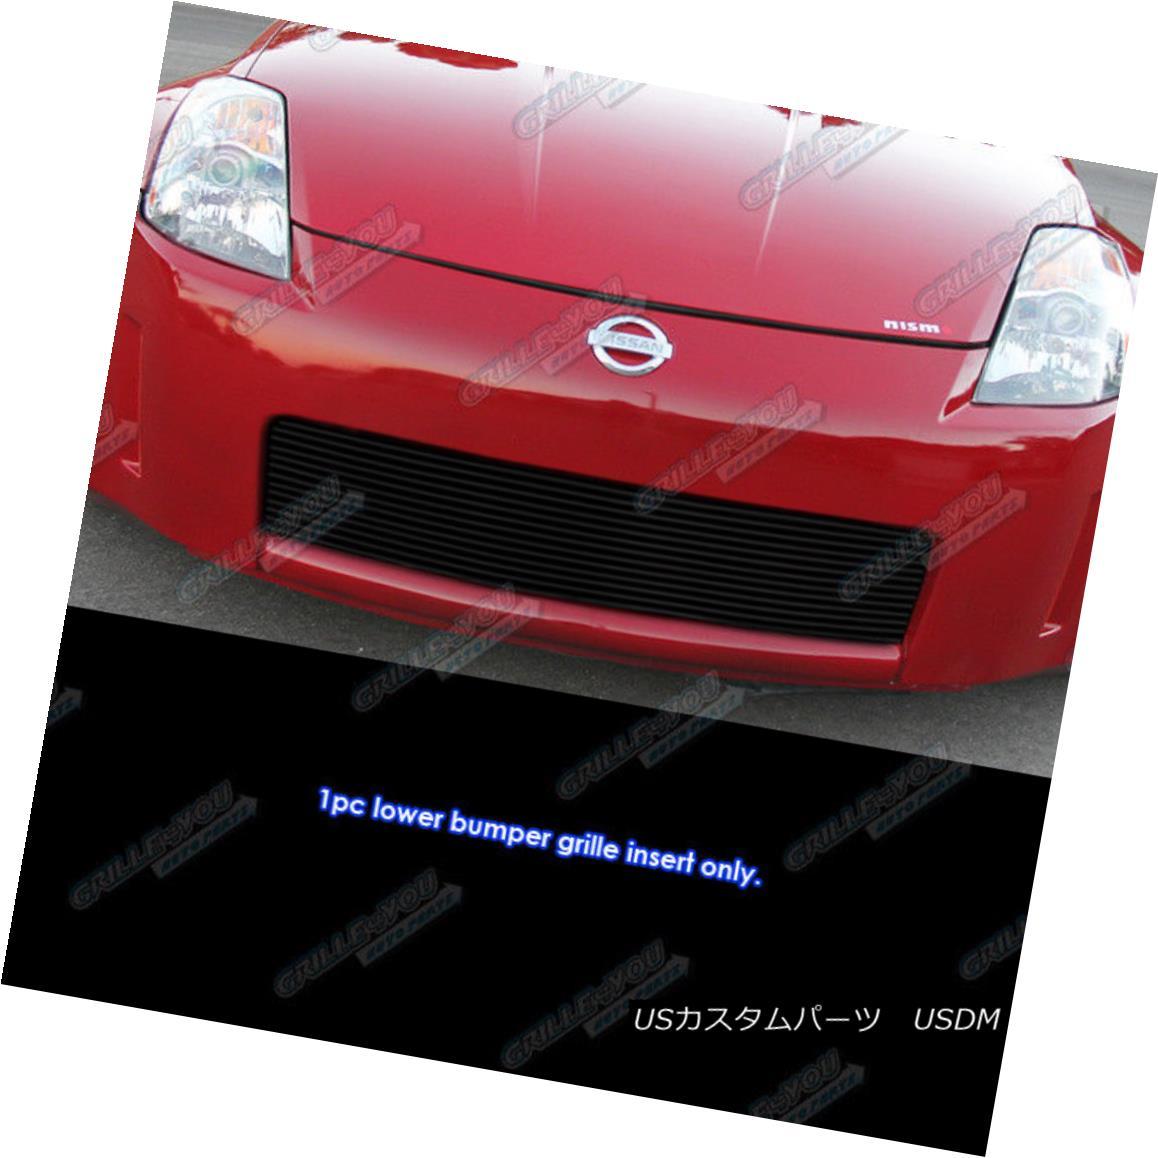 グリル Fits 2003-2005 Nissan 350Z Black Lower Bumper Billet Grille Inserts フィット2003-2005日産350Zブラックロワーバンパービレットグリルインサート